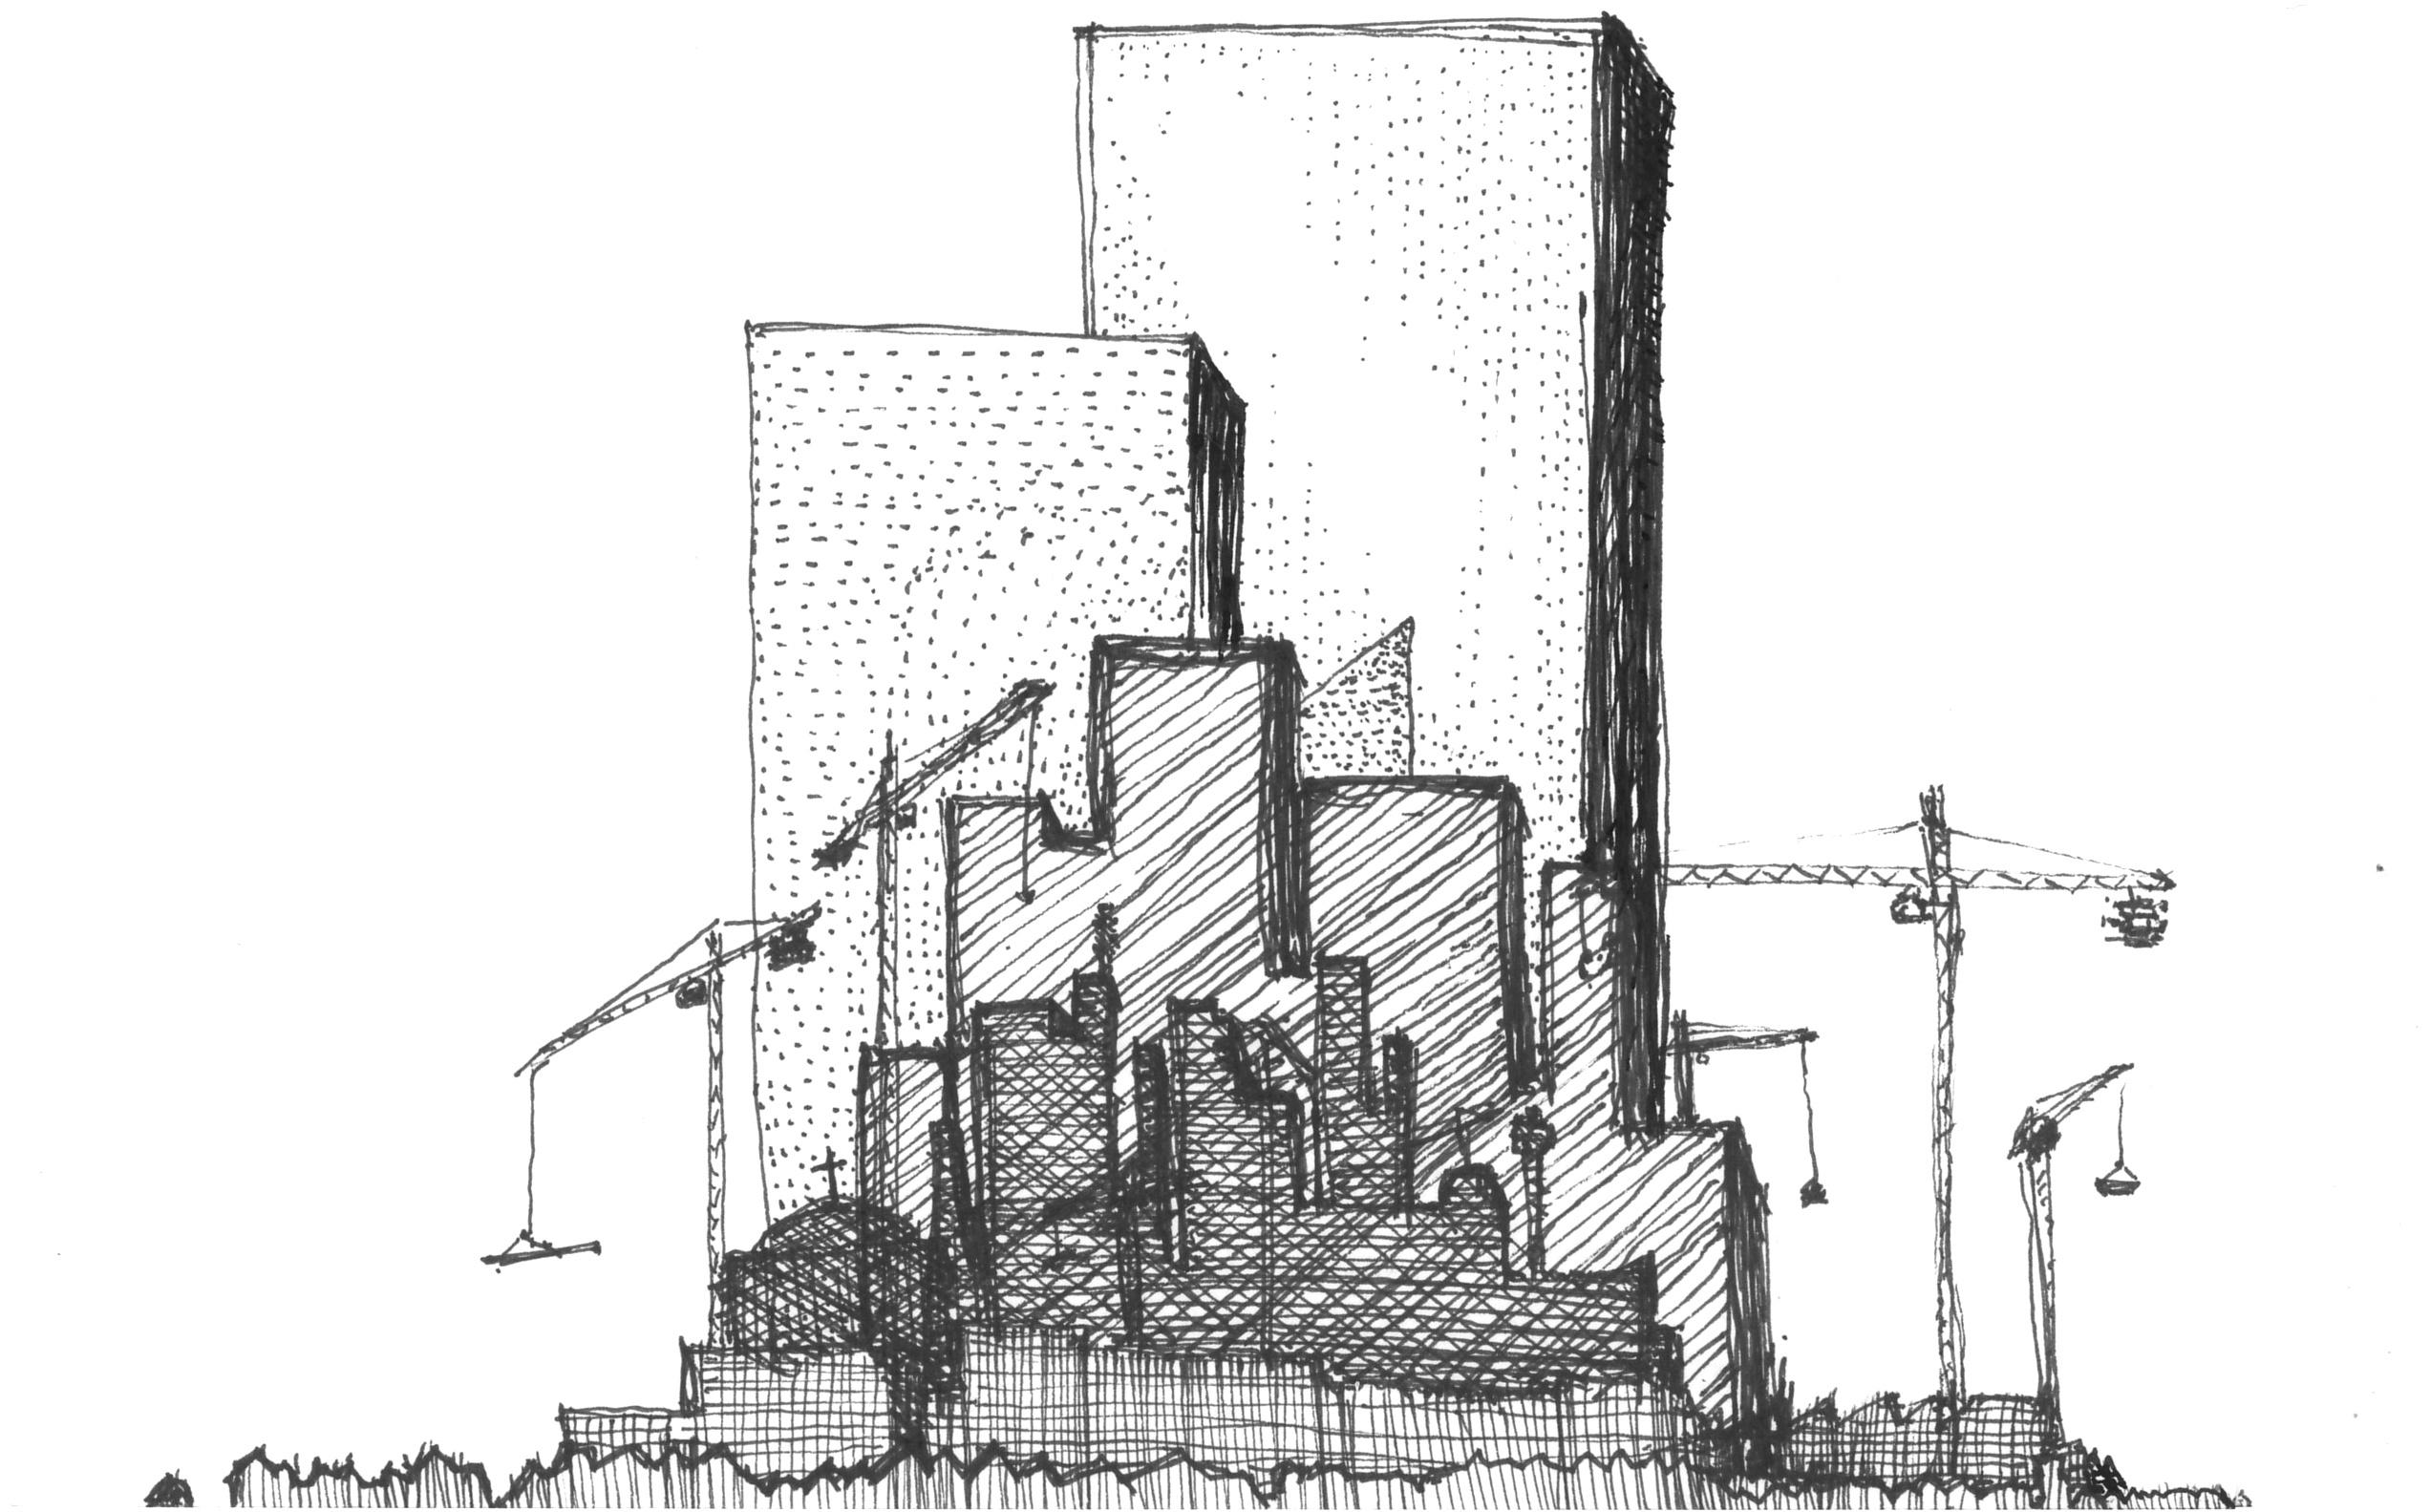 Construyendo ciudades seguras: medidas antidesastres naturales - Featured Image